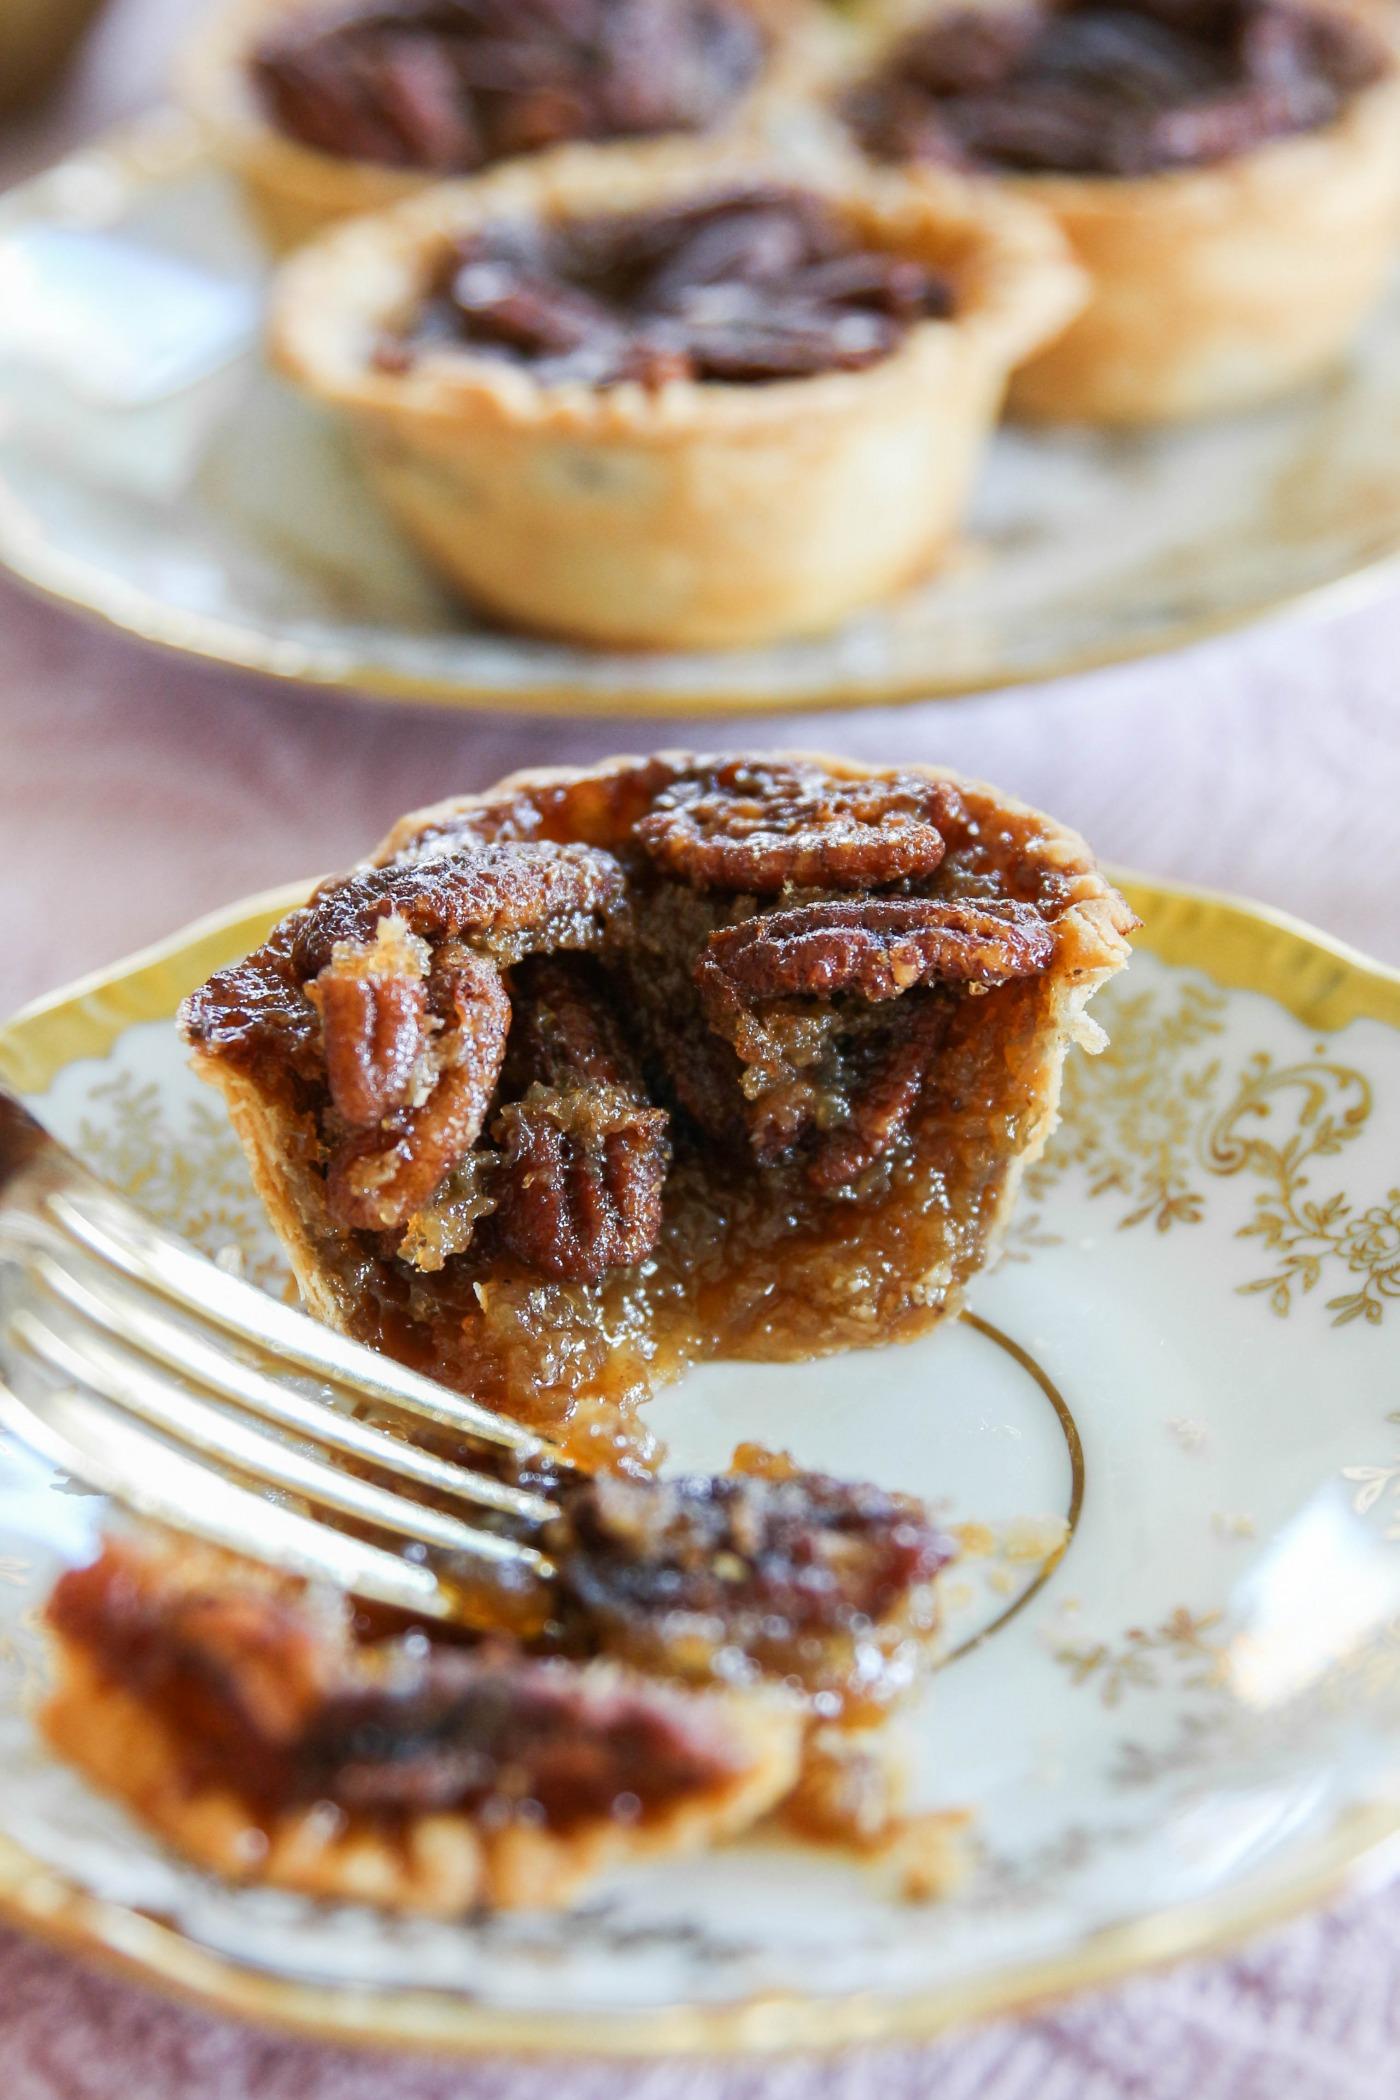 Mini Stout Pecan Pies with Karo Syrup